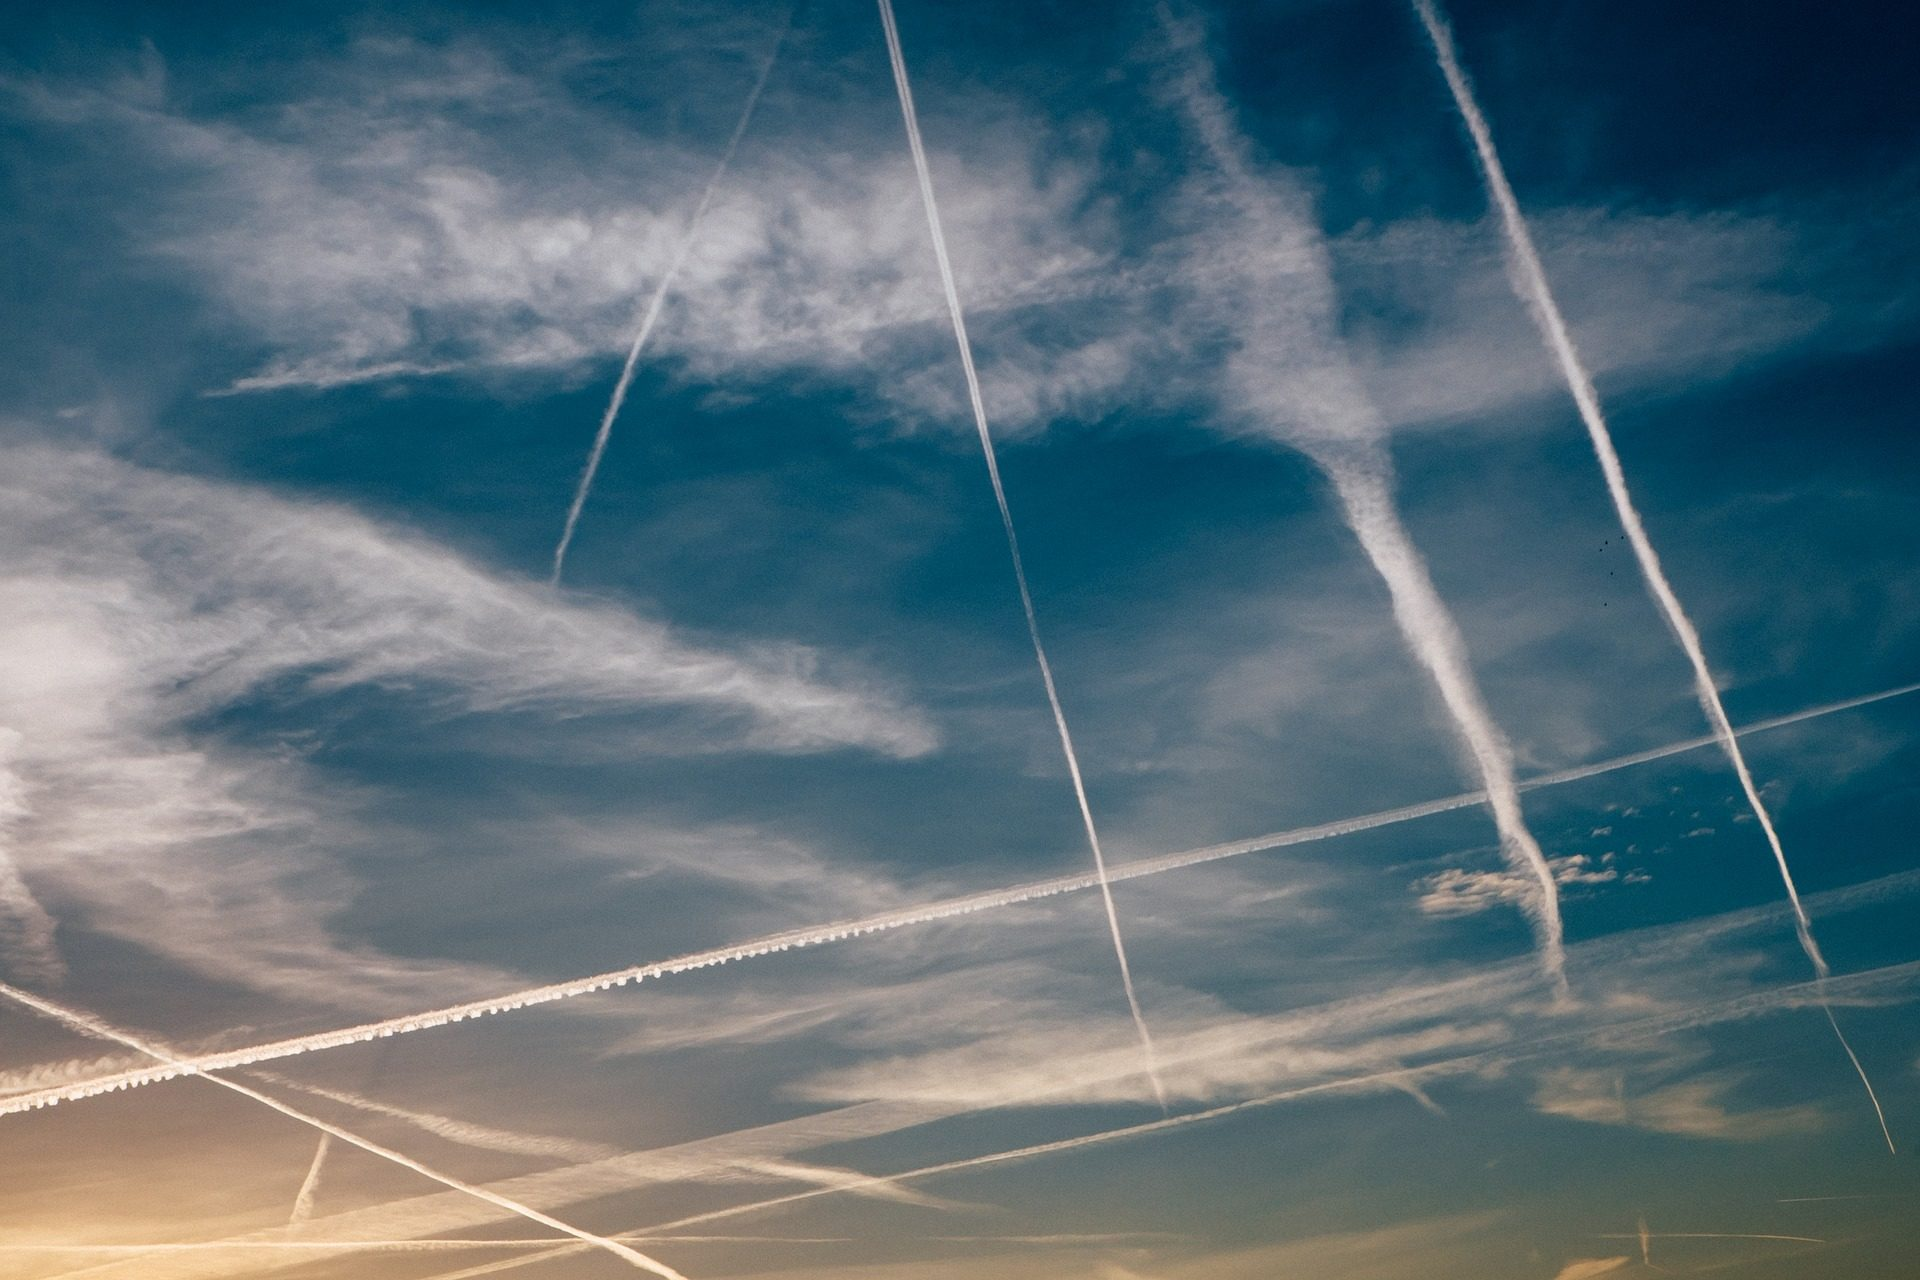 Pin Aviones-militares-por-las-nubes-fondos-de-pantalla On